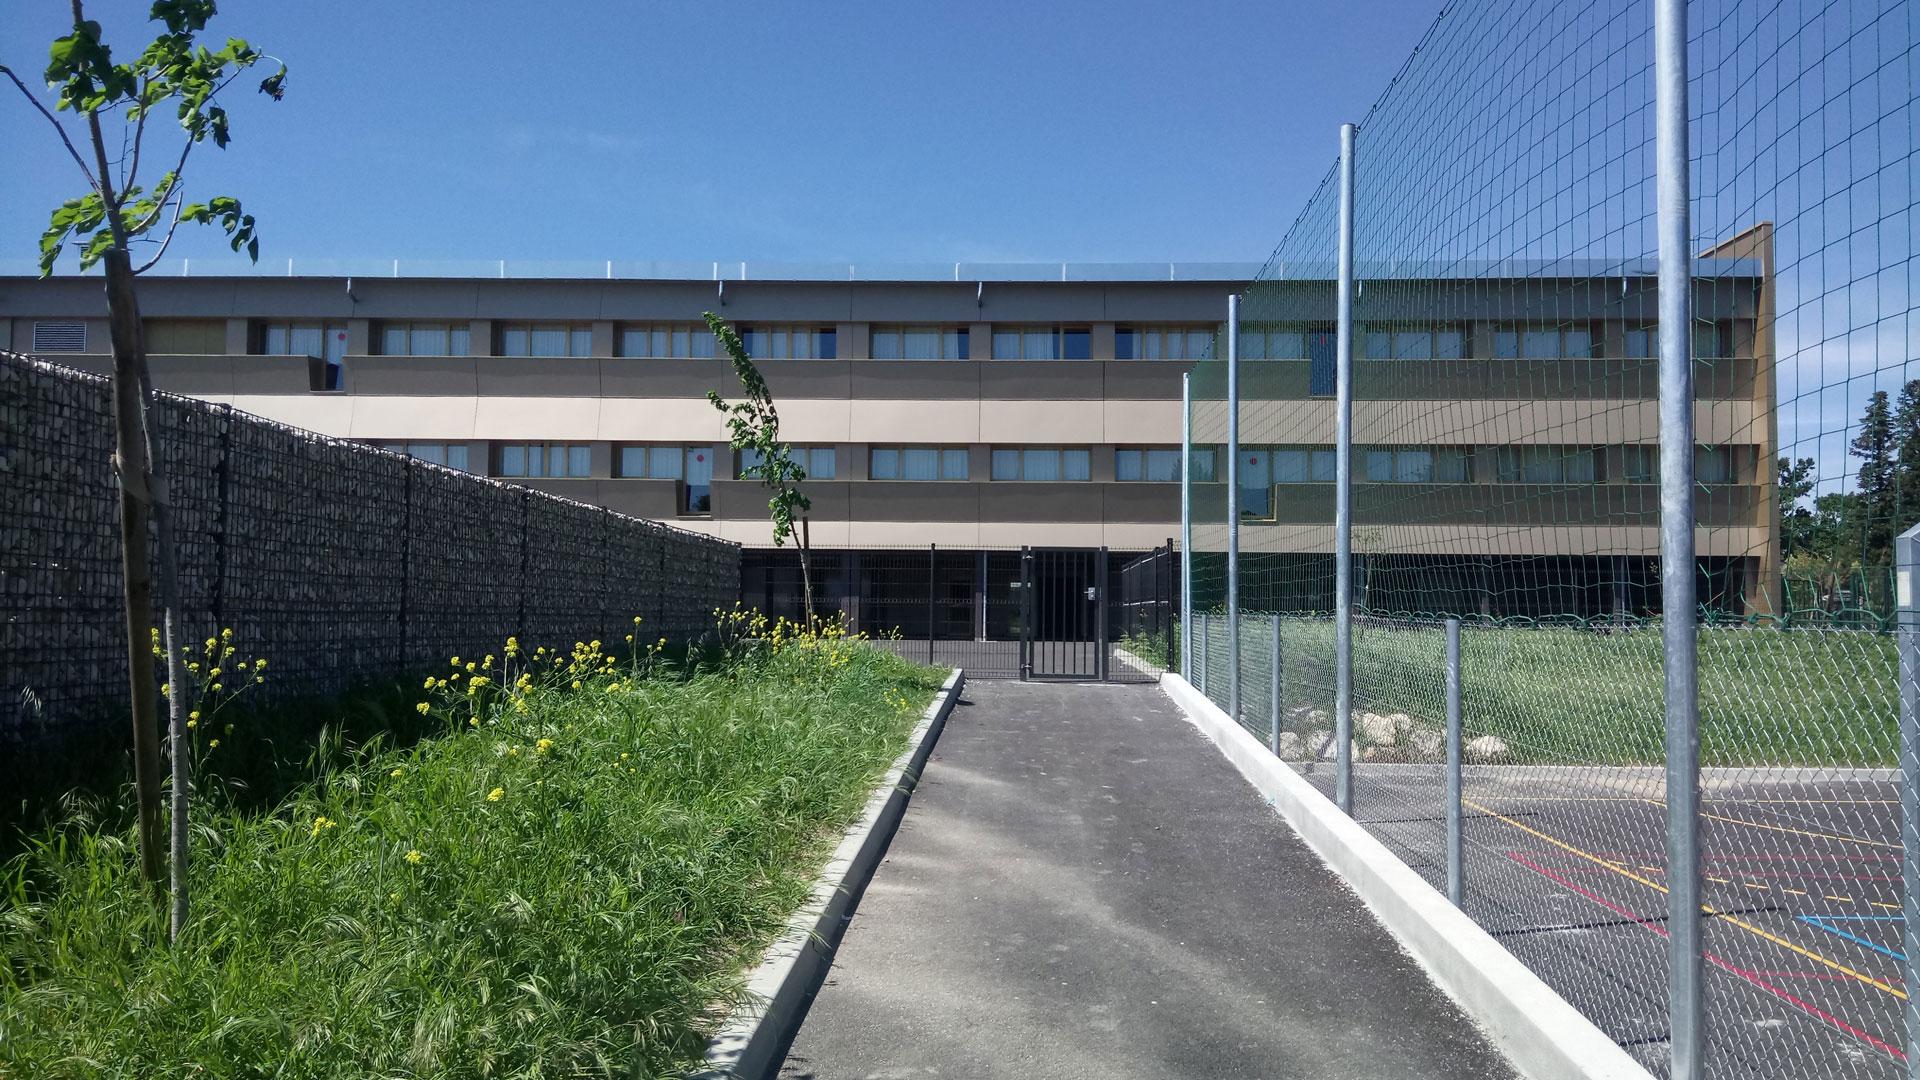 RESTRUCTURATION ET EXTENSION DU COLLEGE JEAN GIONO A ORANGE 2012 - 2017